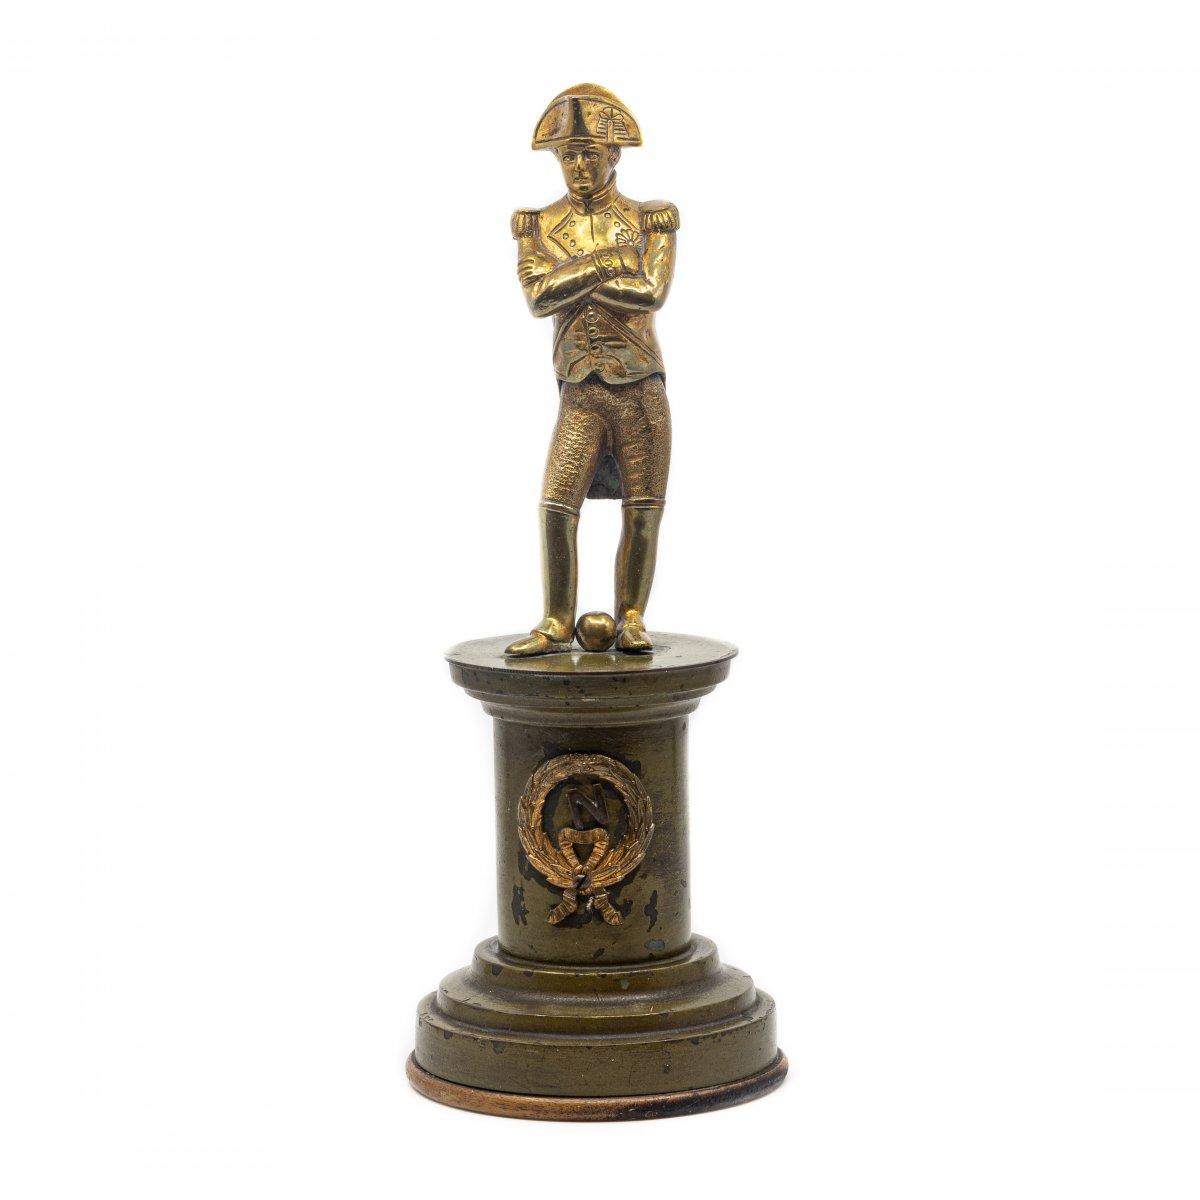 Statuette De Napoléon en laiton doré - France, milieu 19e siècle